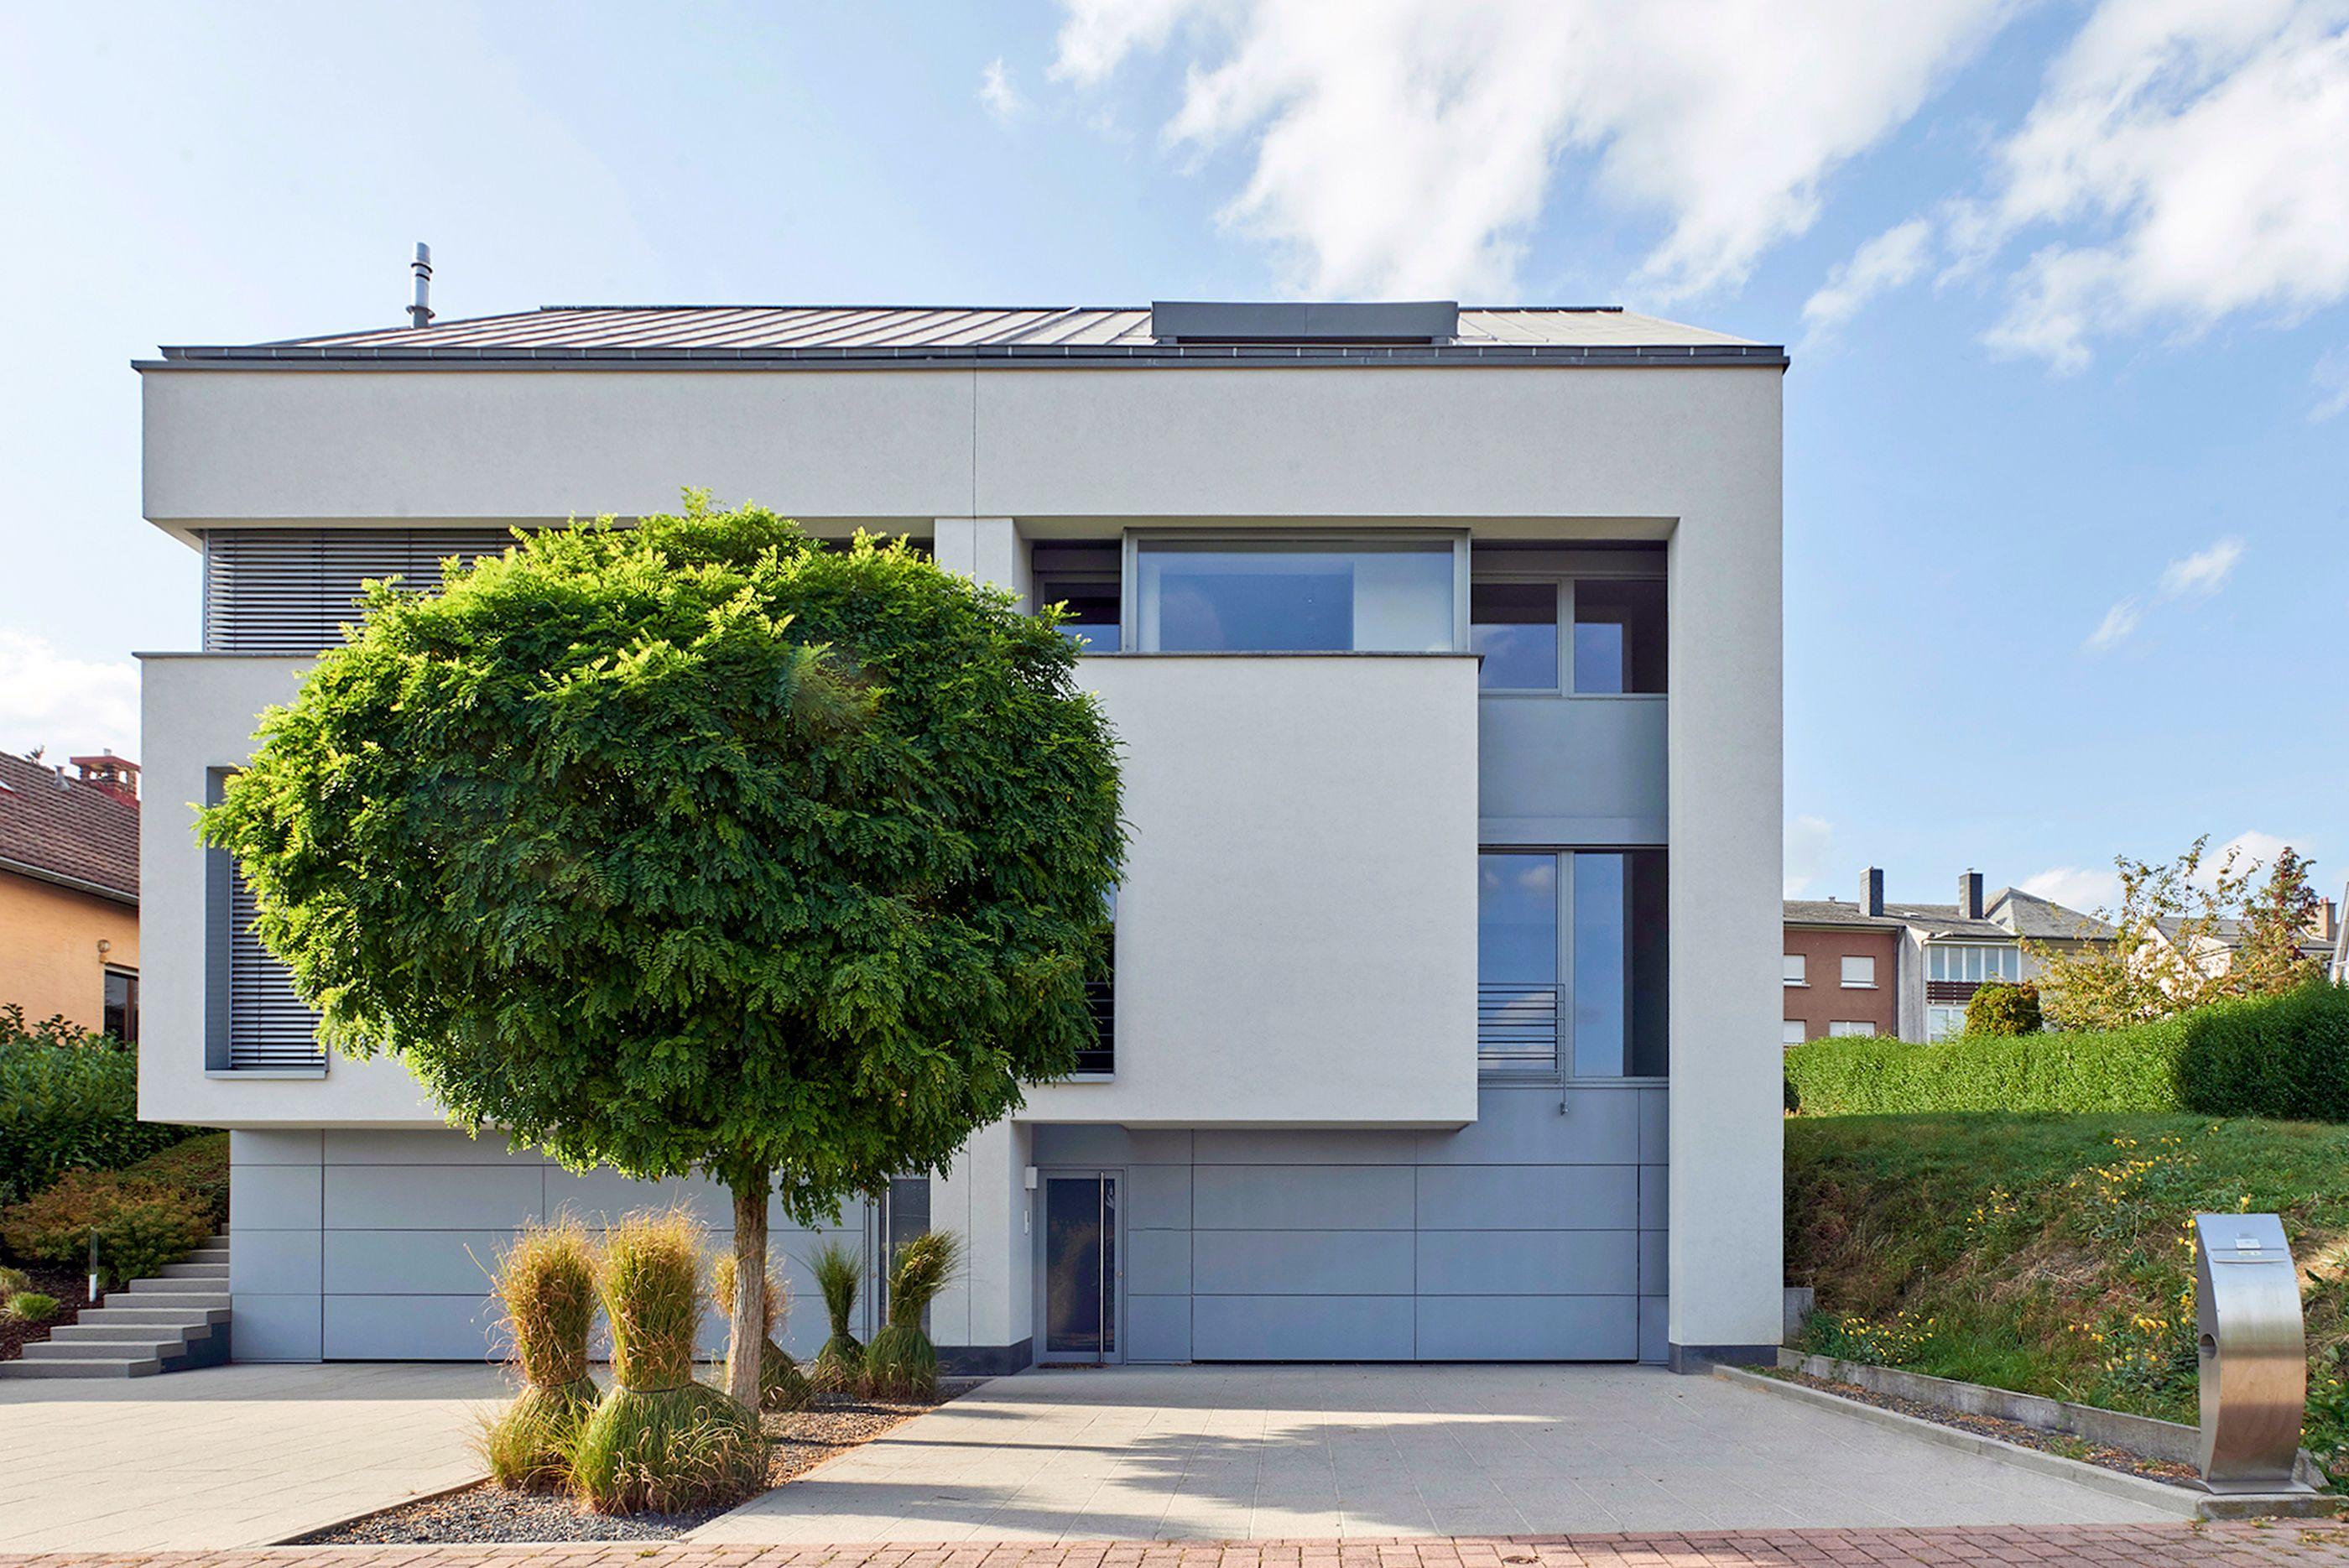 Maison moderne à vendre à Itzig   Propriétés en vente ...